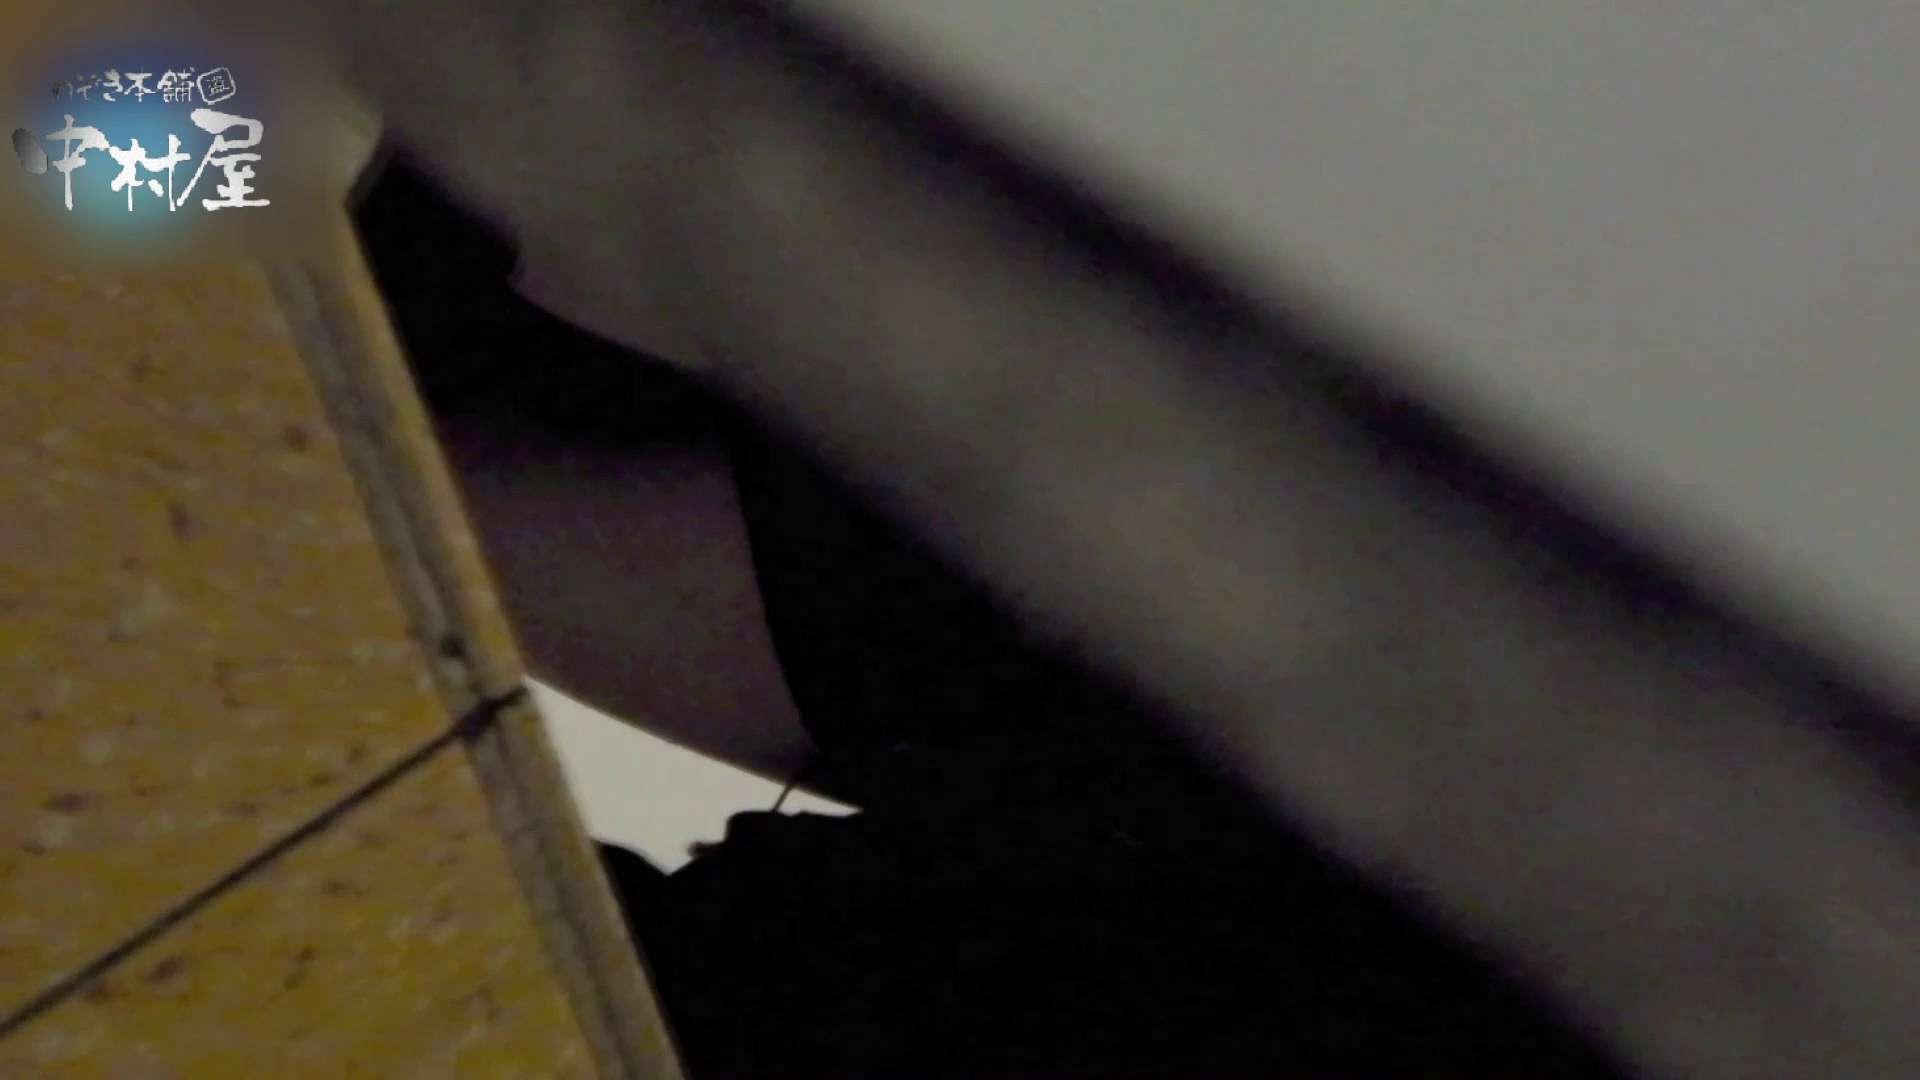 乙女集まる!ショッピングモール潜入撮vol.07 トイレ 盗撮ワレメ無修正動画無料 102画像 81